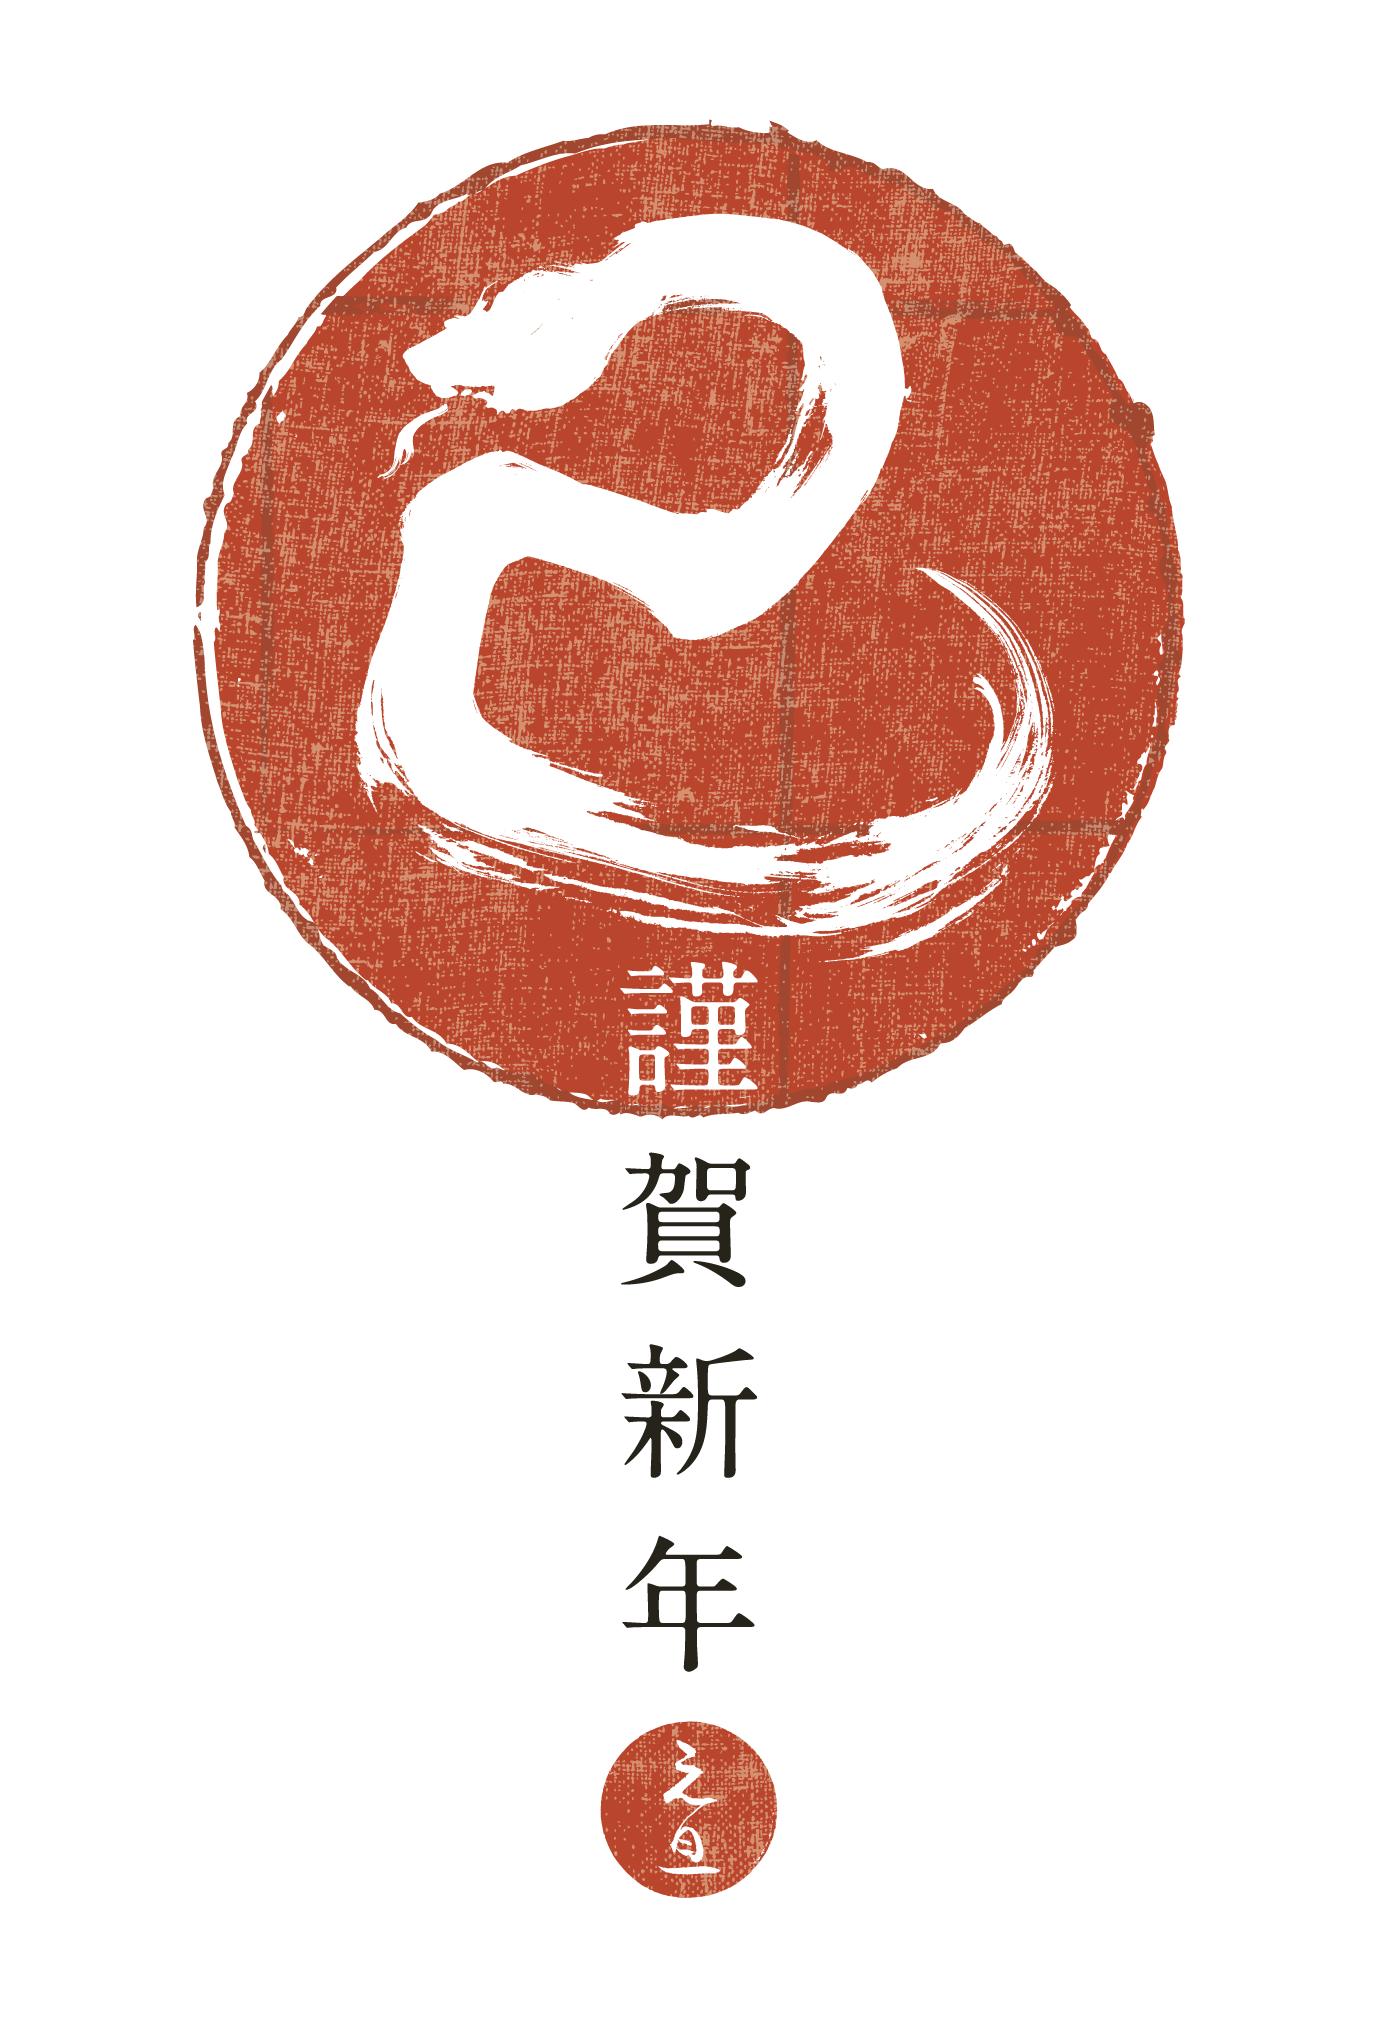 2013年賀状20-1:巳 Calligraphy(謹賀新年赤丸)のダウンロード画像